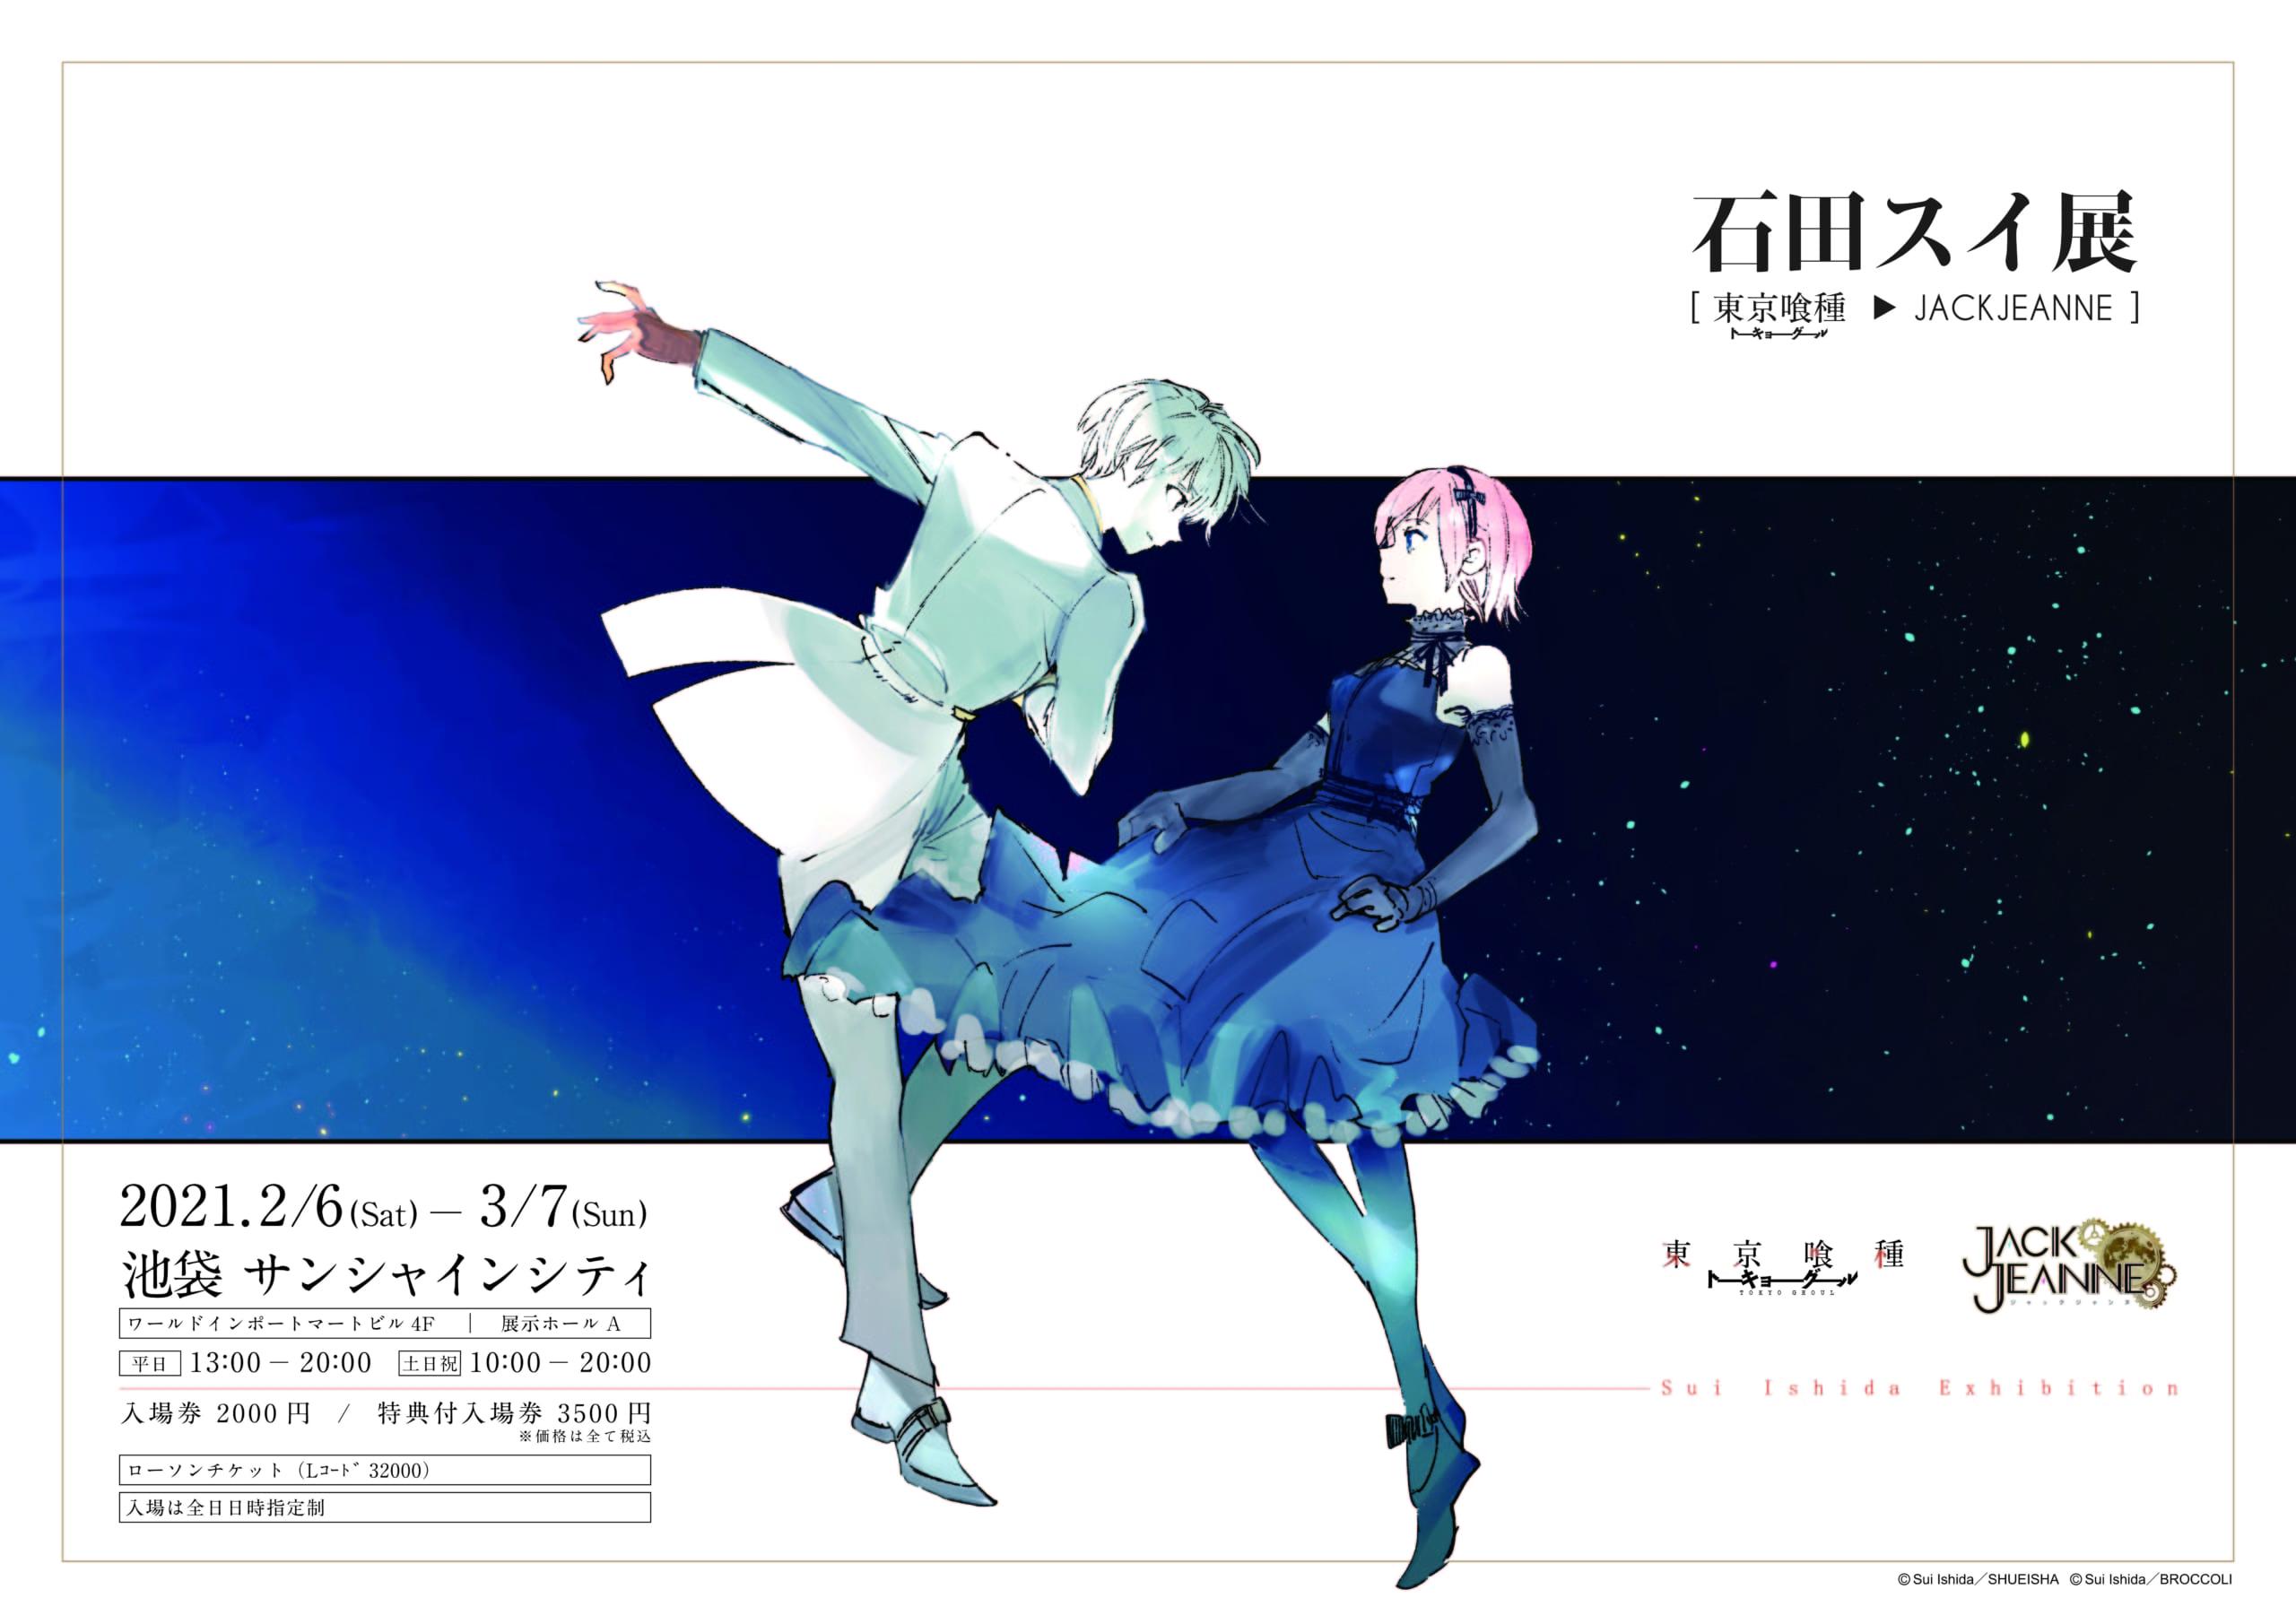 石田スイ展の全貌が明らかに!「unravel」×「ヨルシカ」とのコラボビデオコラージュが来場客をお出迎え